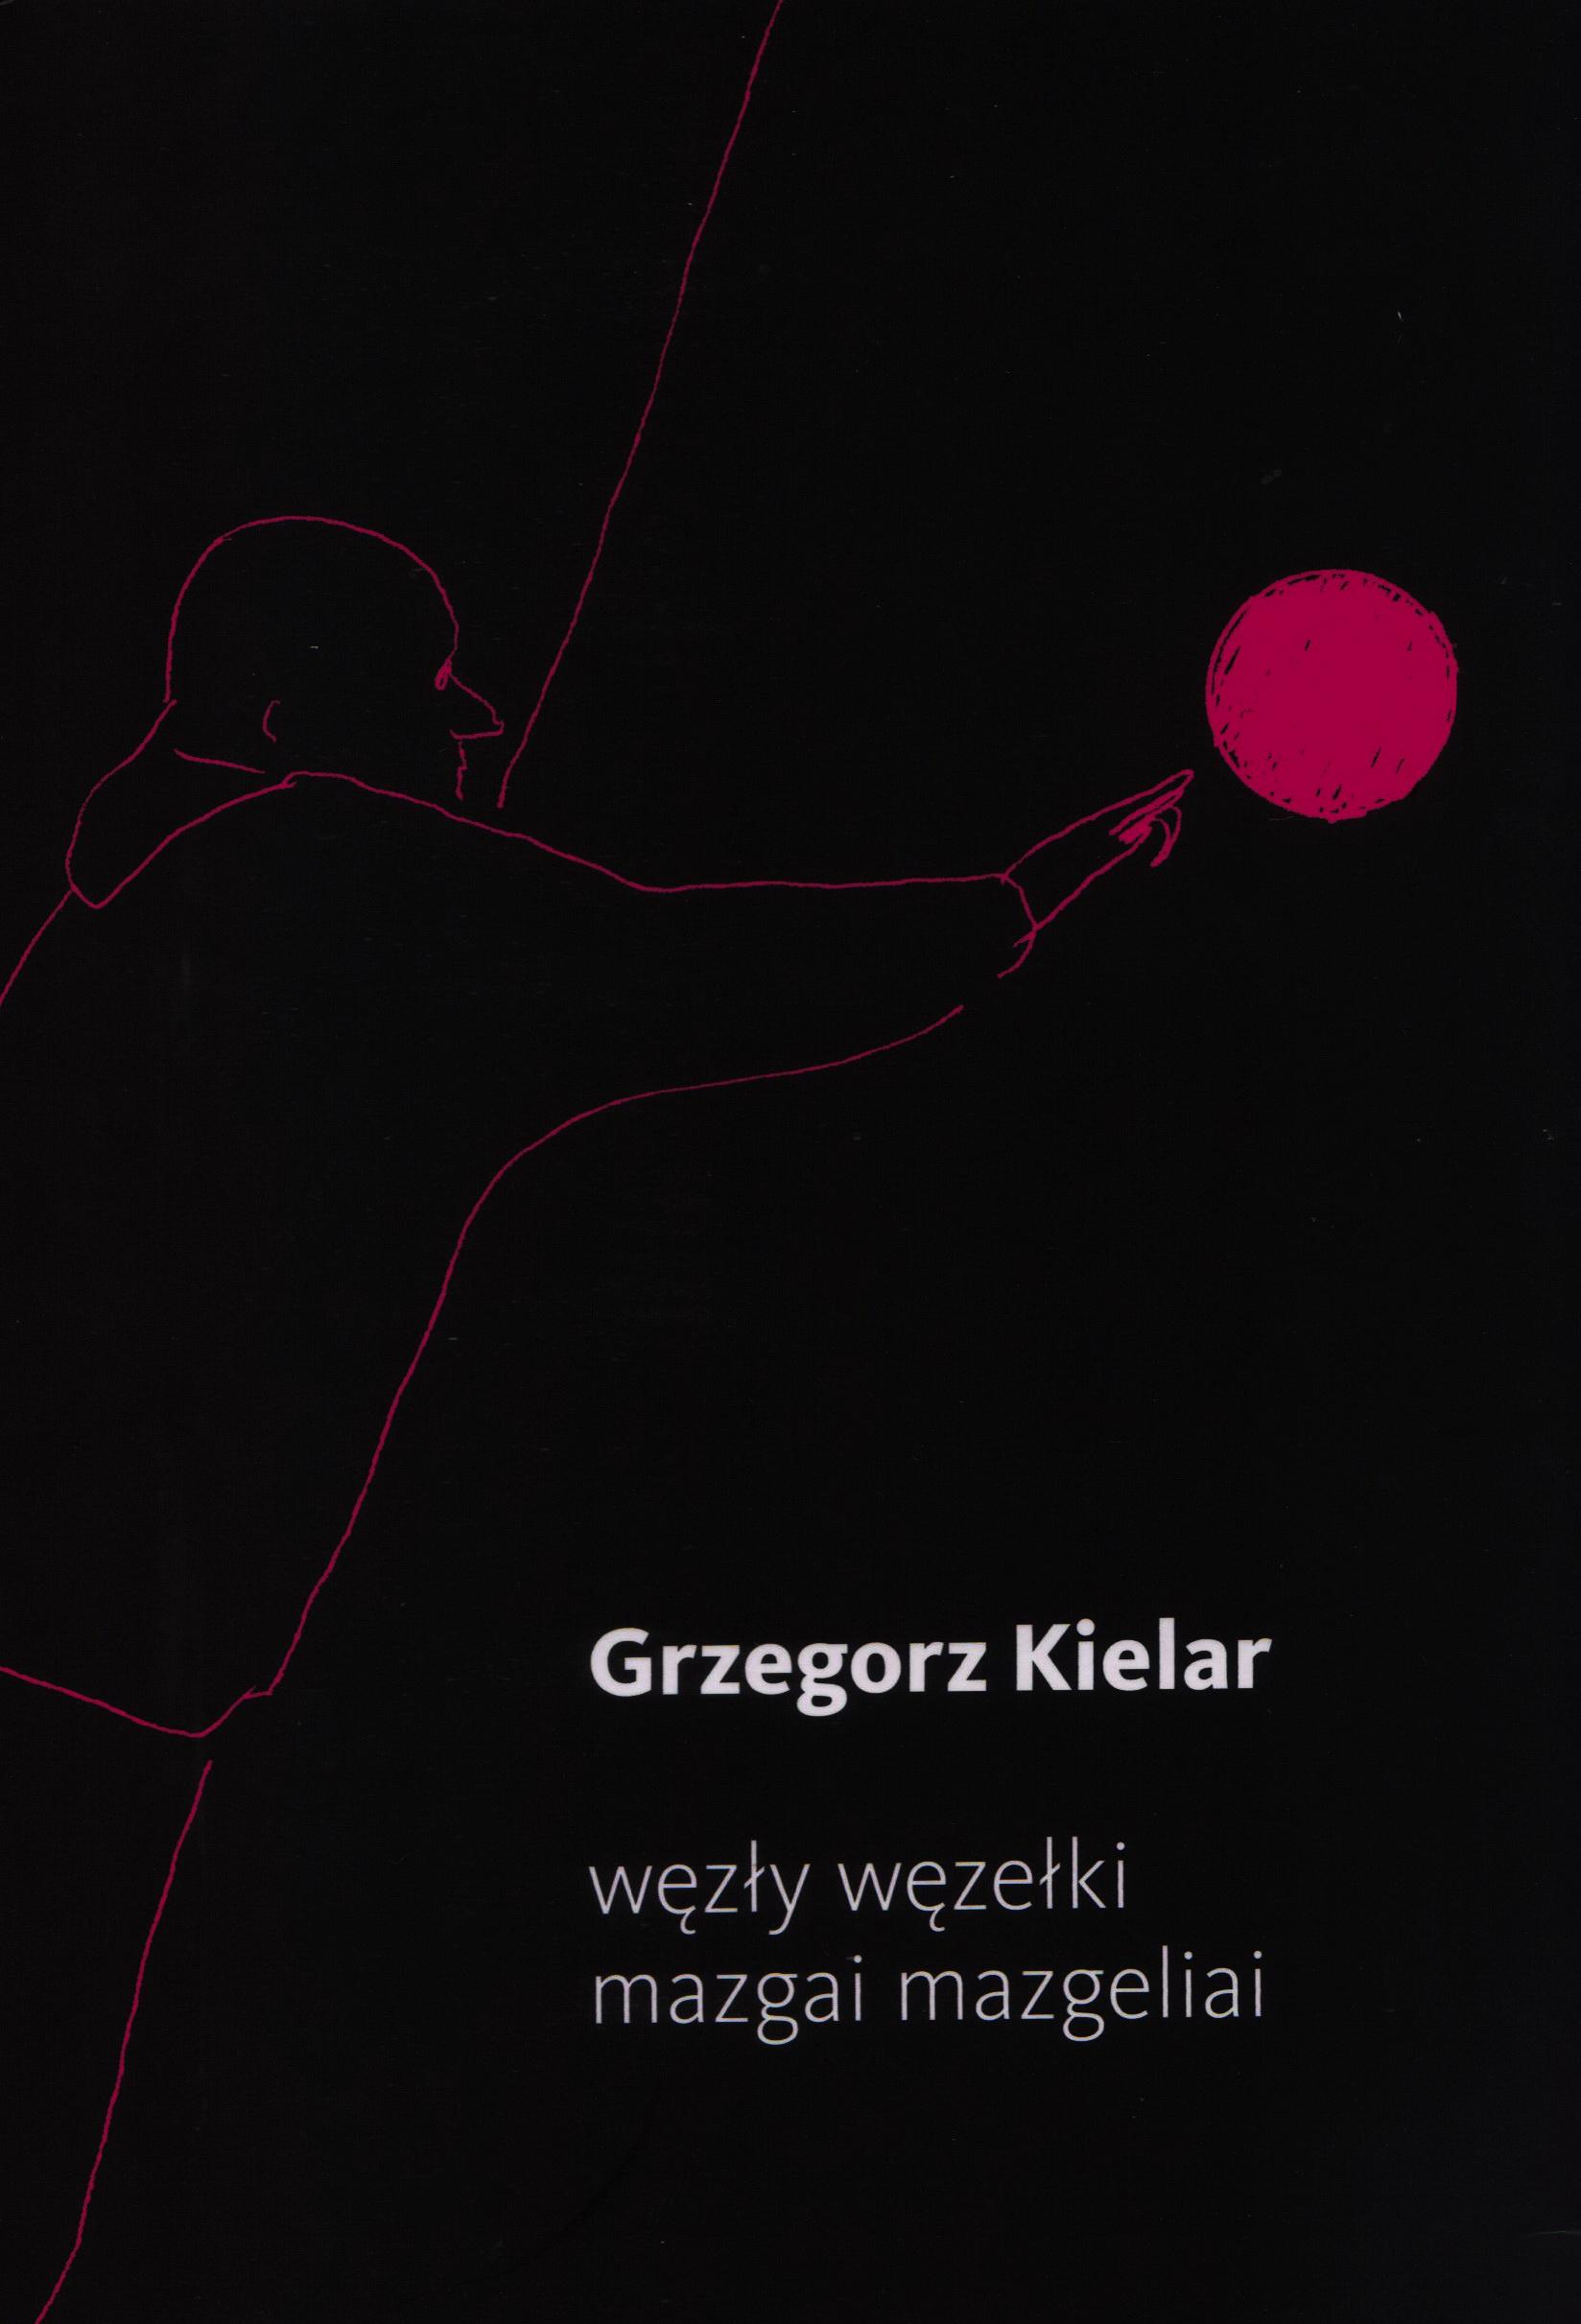 """Grzegorz Kielar. """"Węzły węzełki / Mazgai mazgeliai"""". Iš lenkų k. vertė Tadas Žvirinskis. (Vilnius: Naujosios Romuvos fondas, 2019)"""